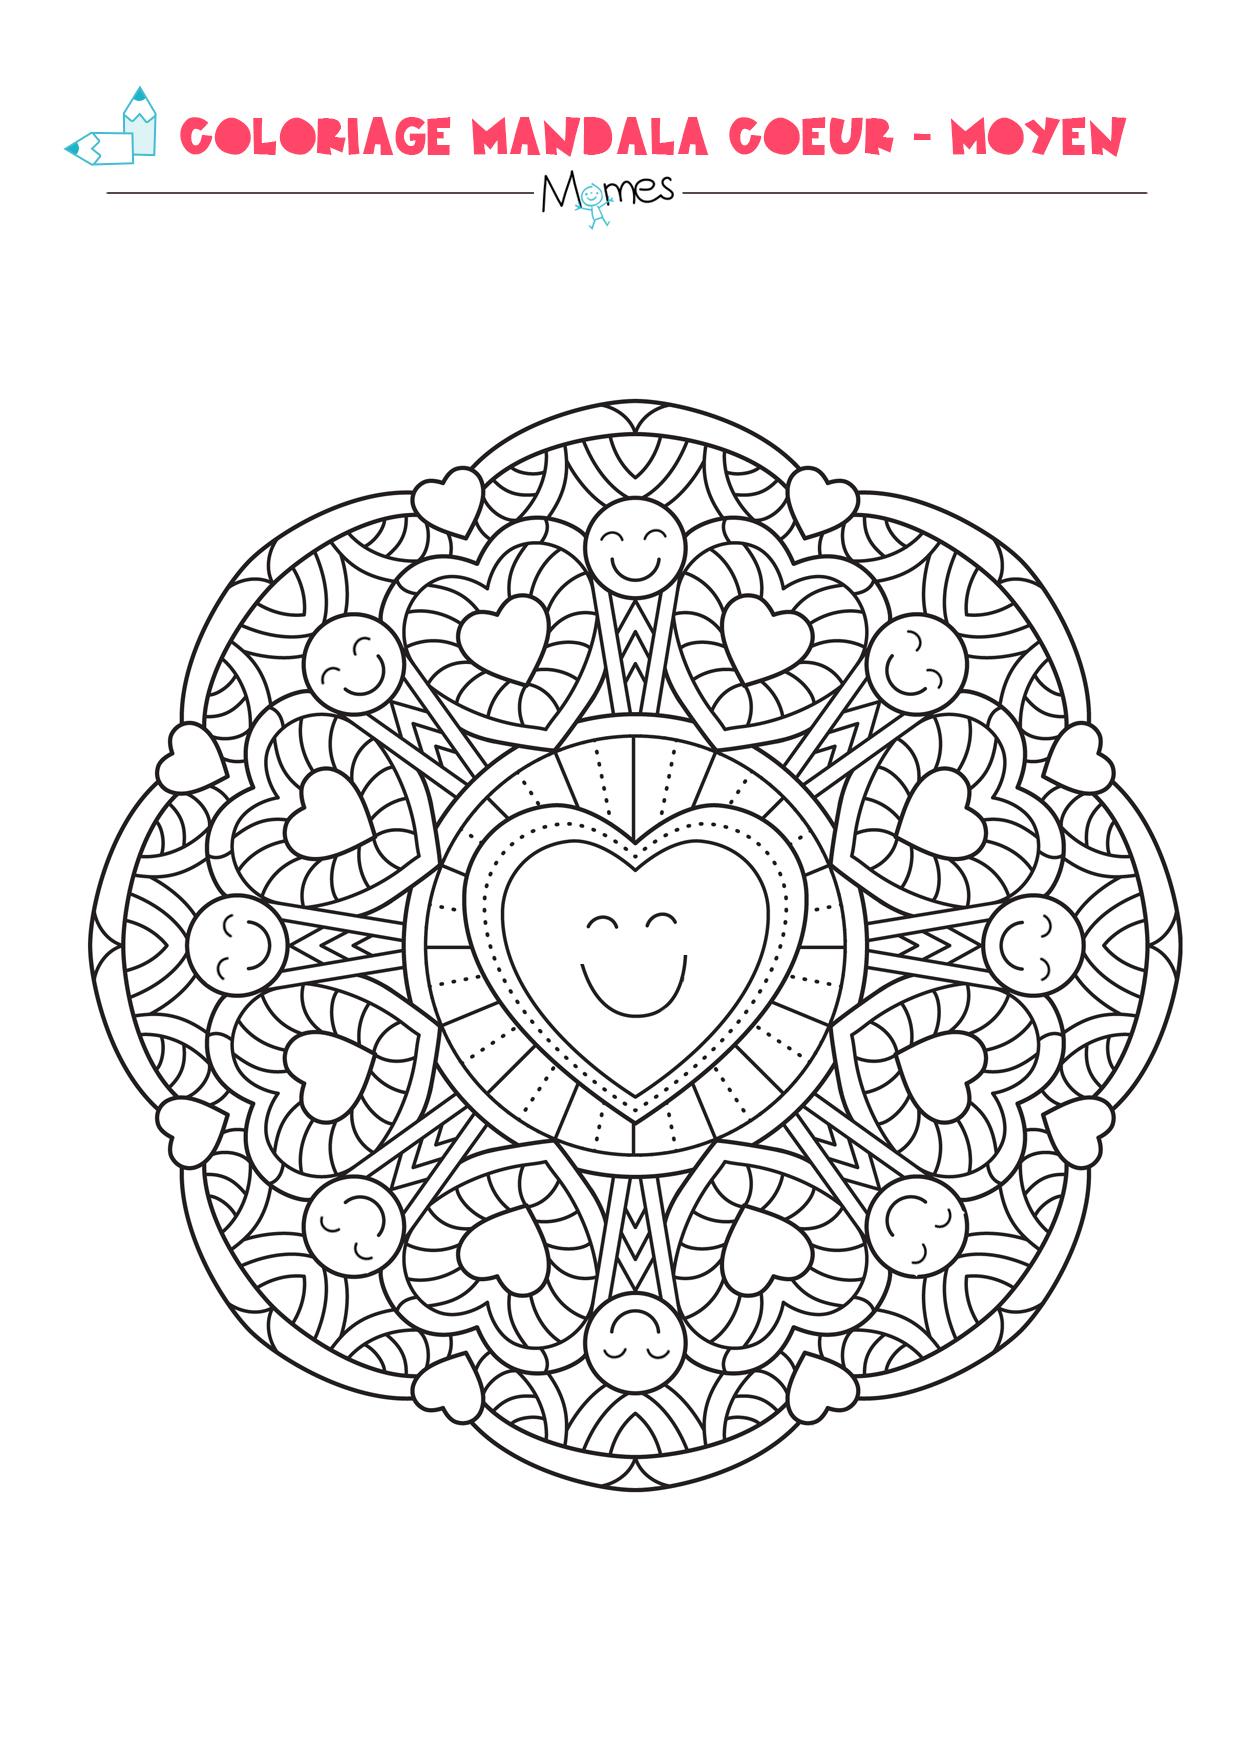 Coloriage mandala coeur - moyen | MOMES.net